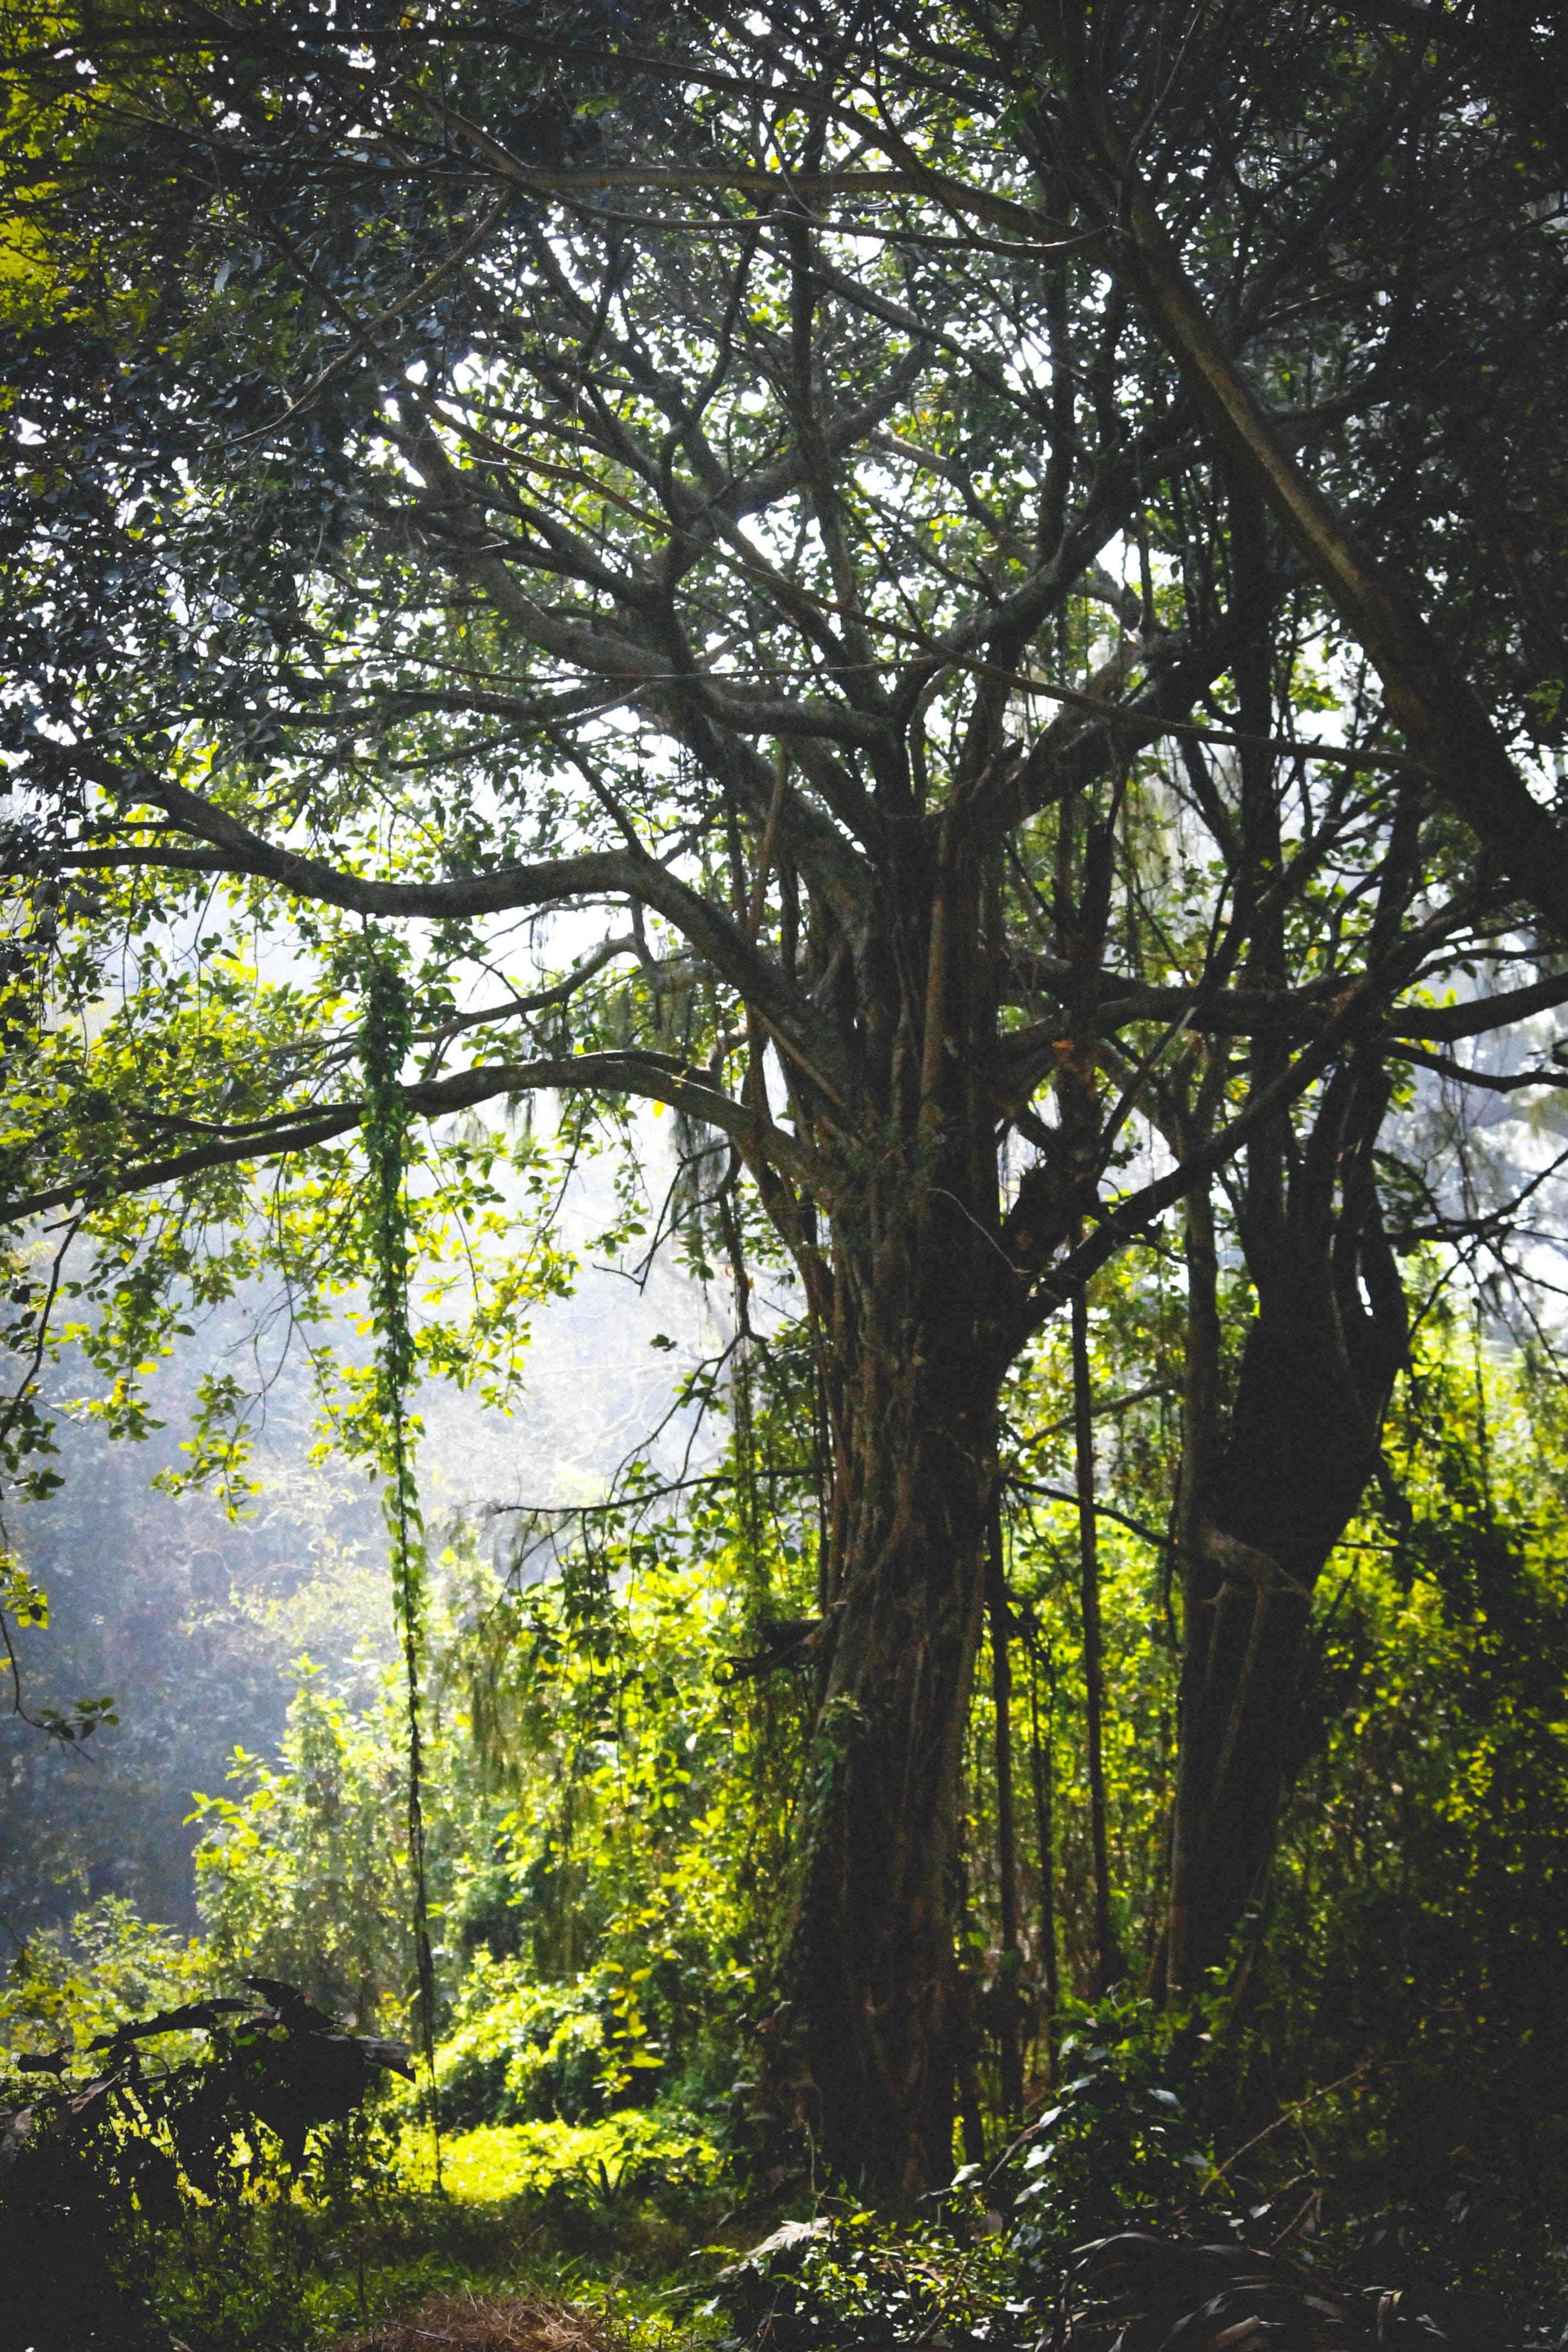 Kostenloses Stock Foto zu äste, bäume, baumstamm, blätter